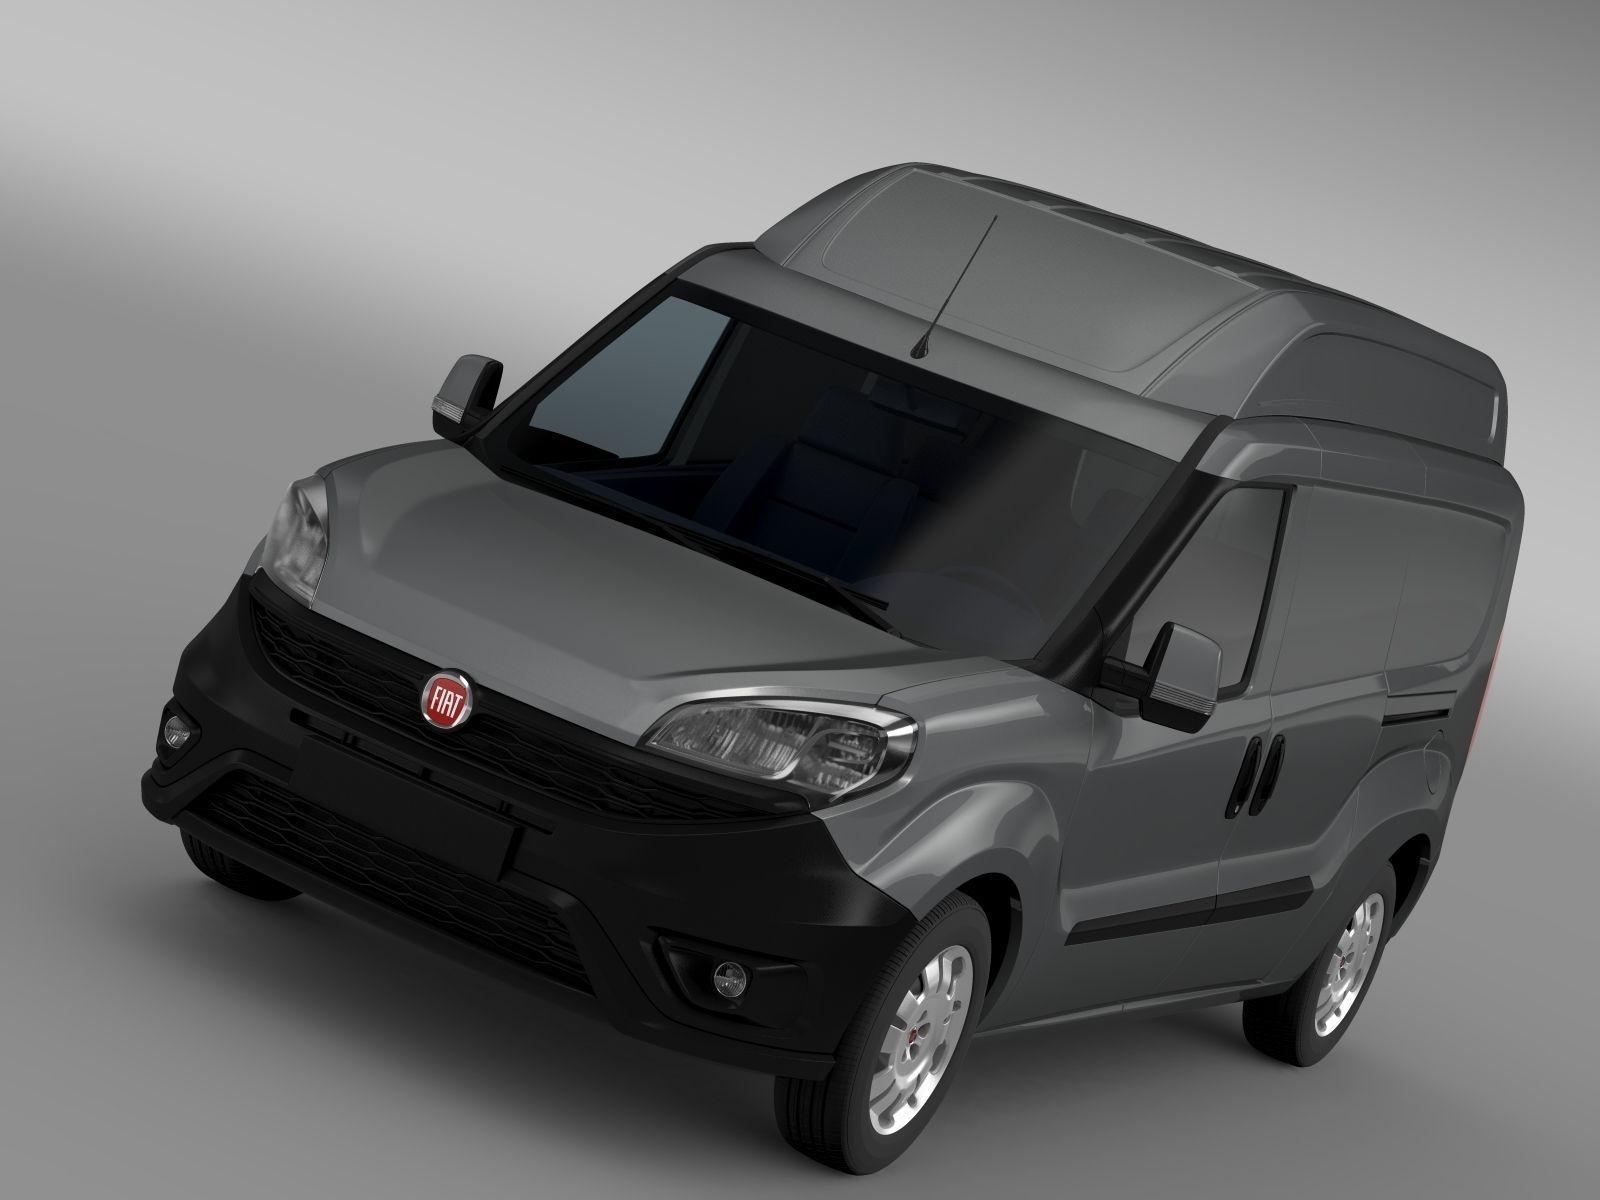 Fiat Doblo XL 263 2017